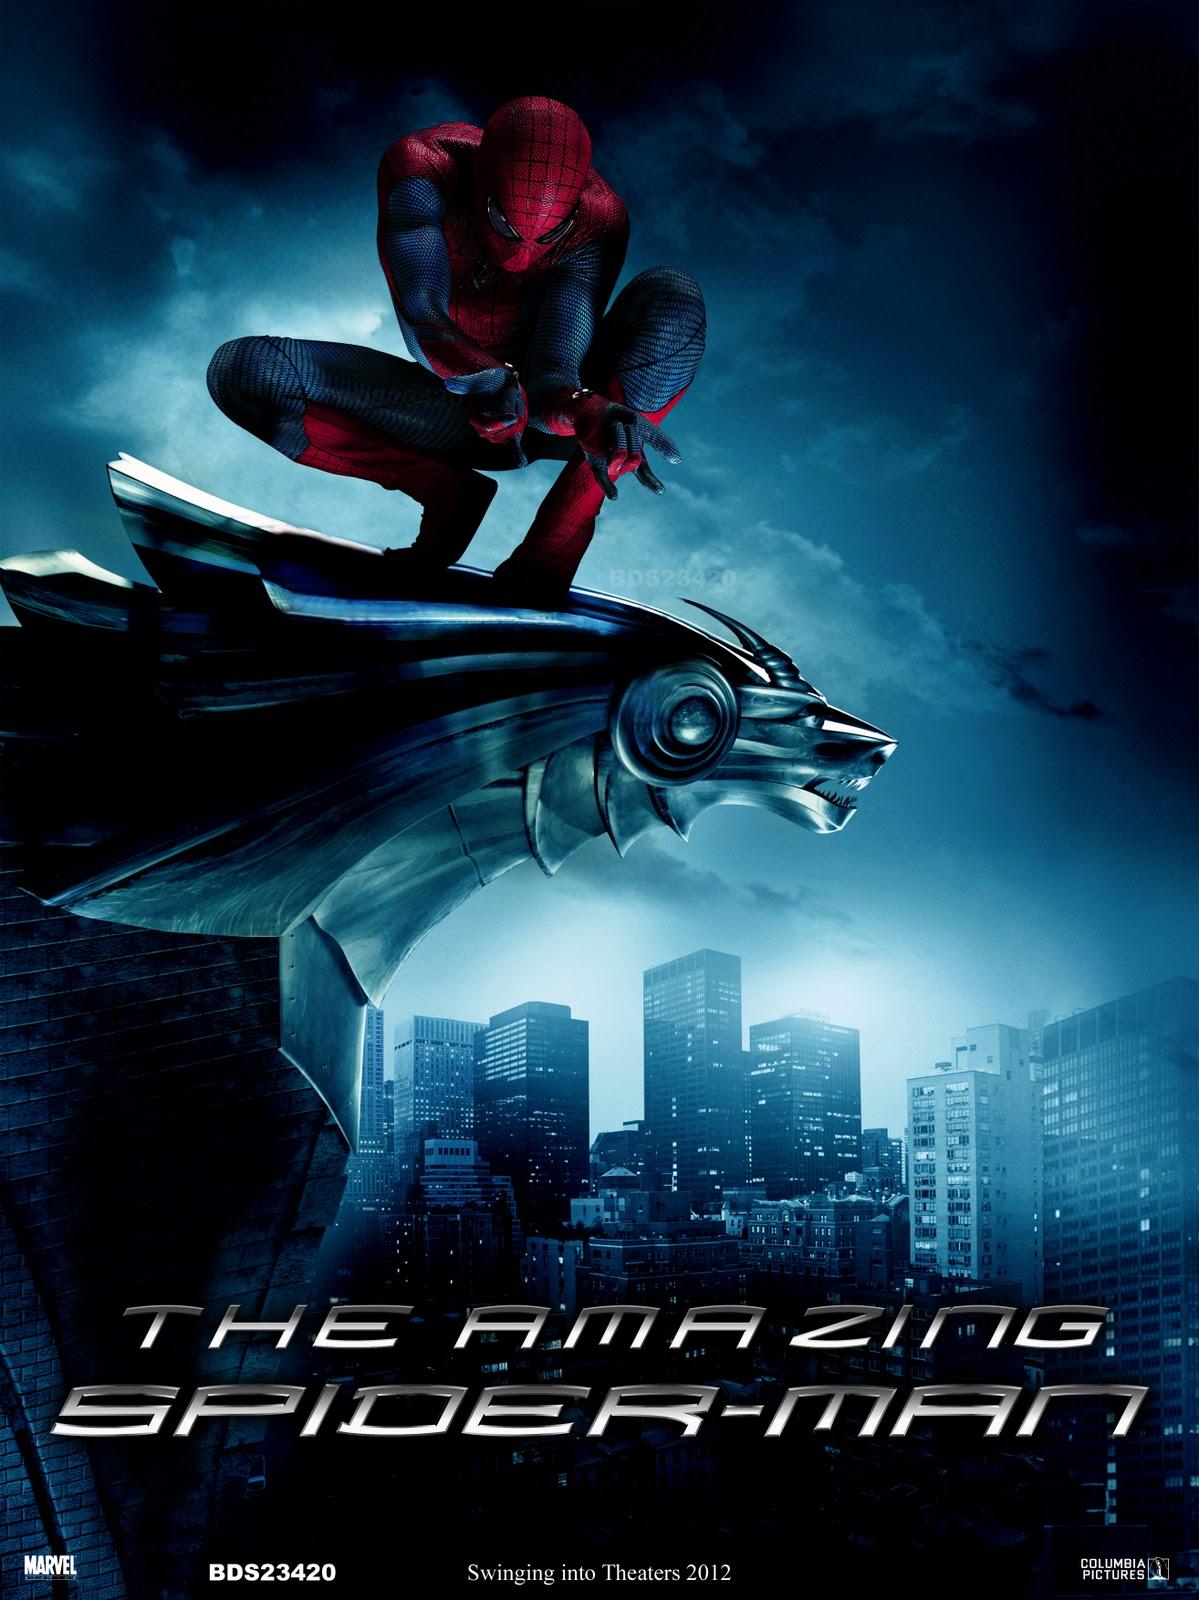 http://2.bp.blogspot.com/-m3W_kon4hCE/UATnM4YXdWI/AAAAAAAABQU/F6gzCzxDB30/s1600/The-Amazing-Spider-Man-2012.jpg